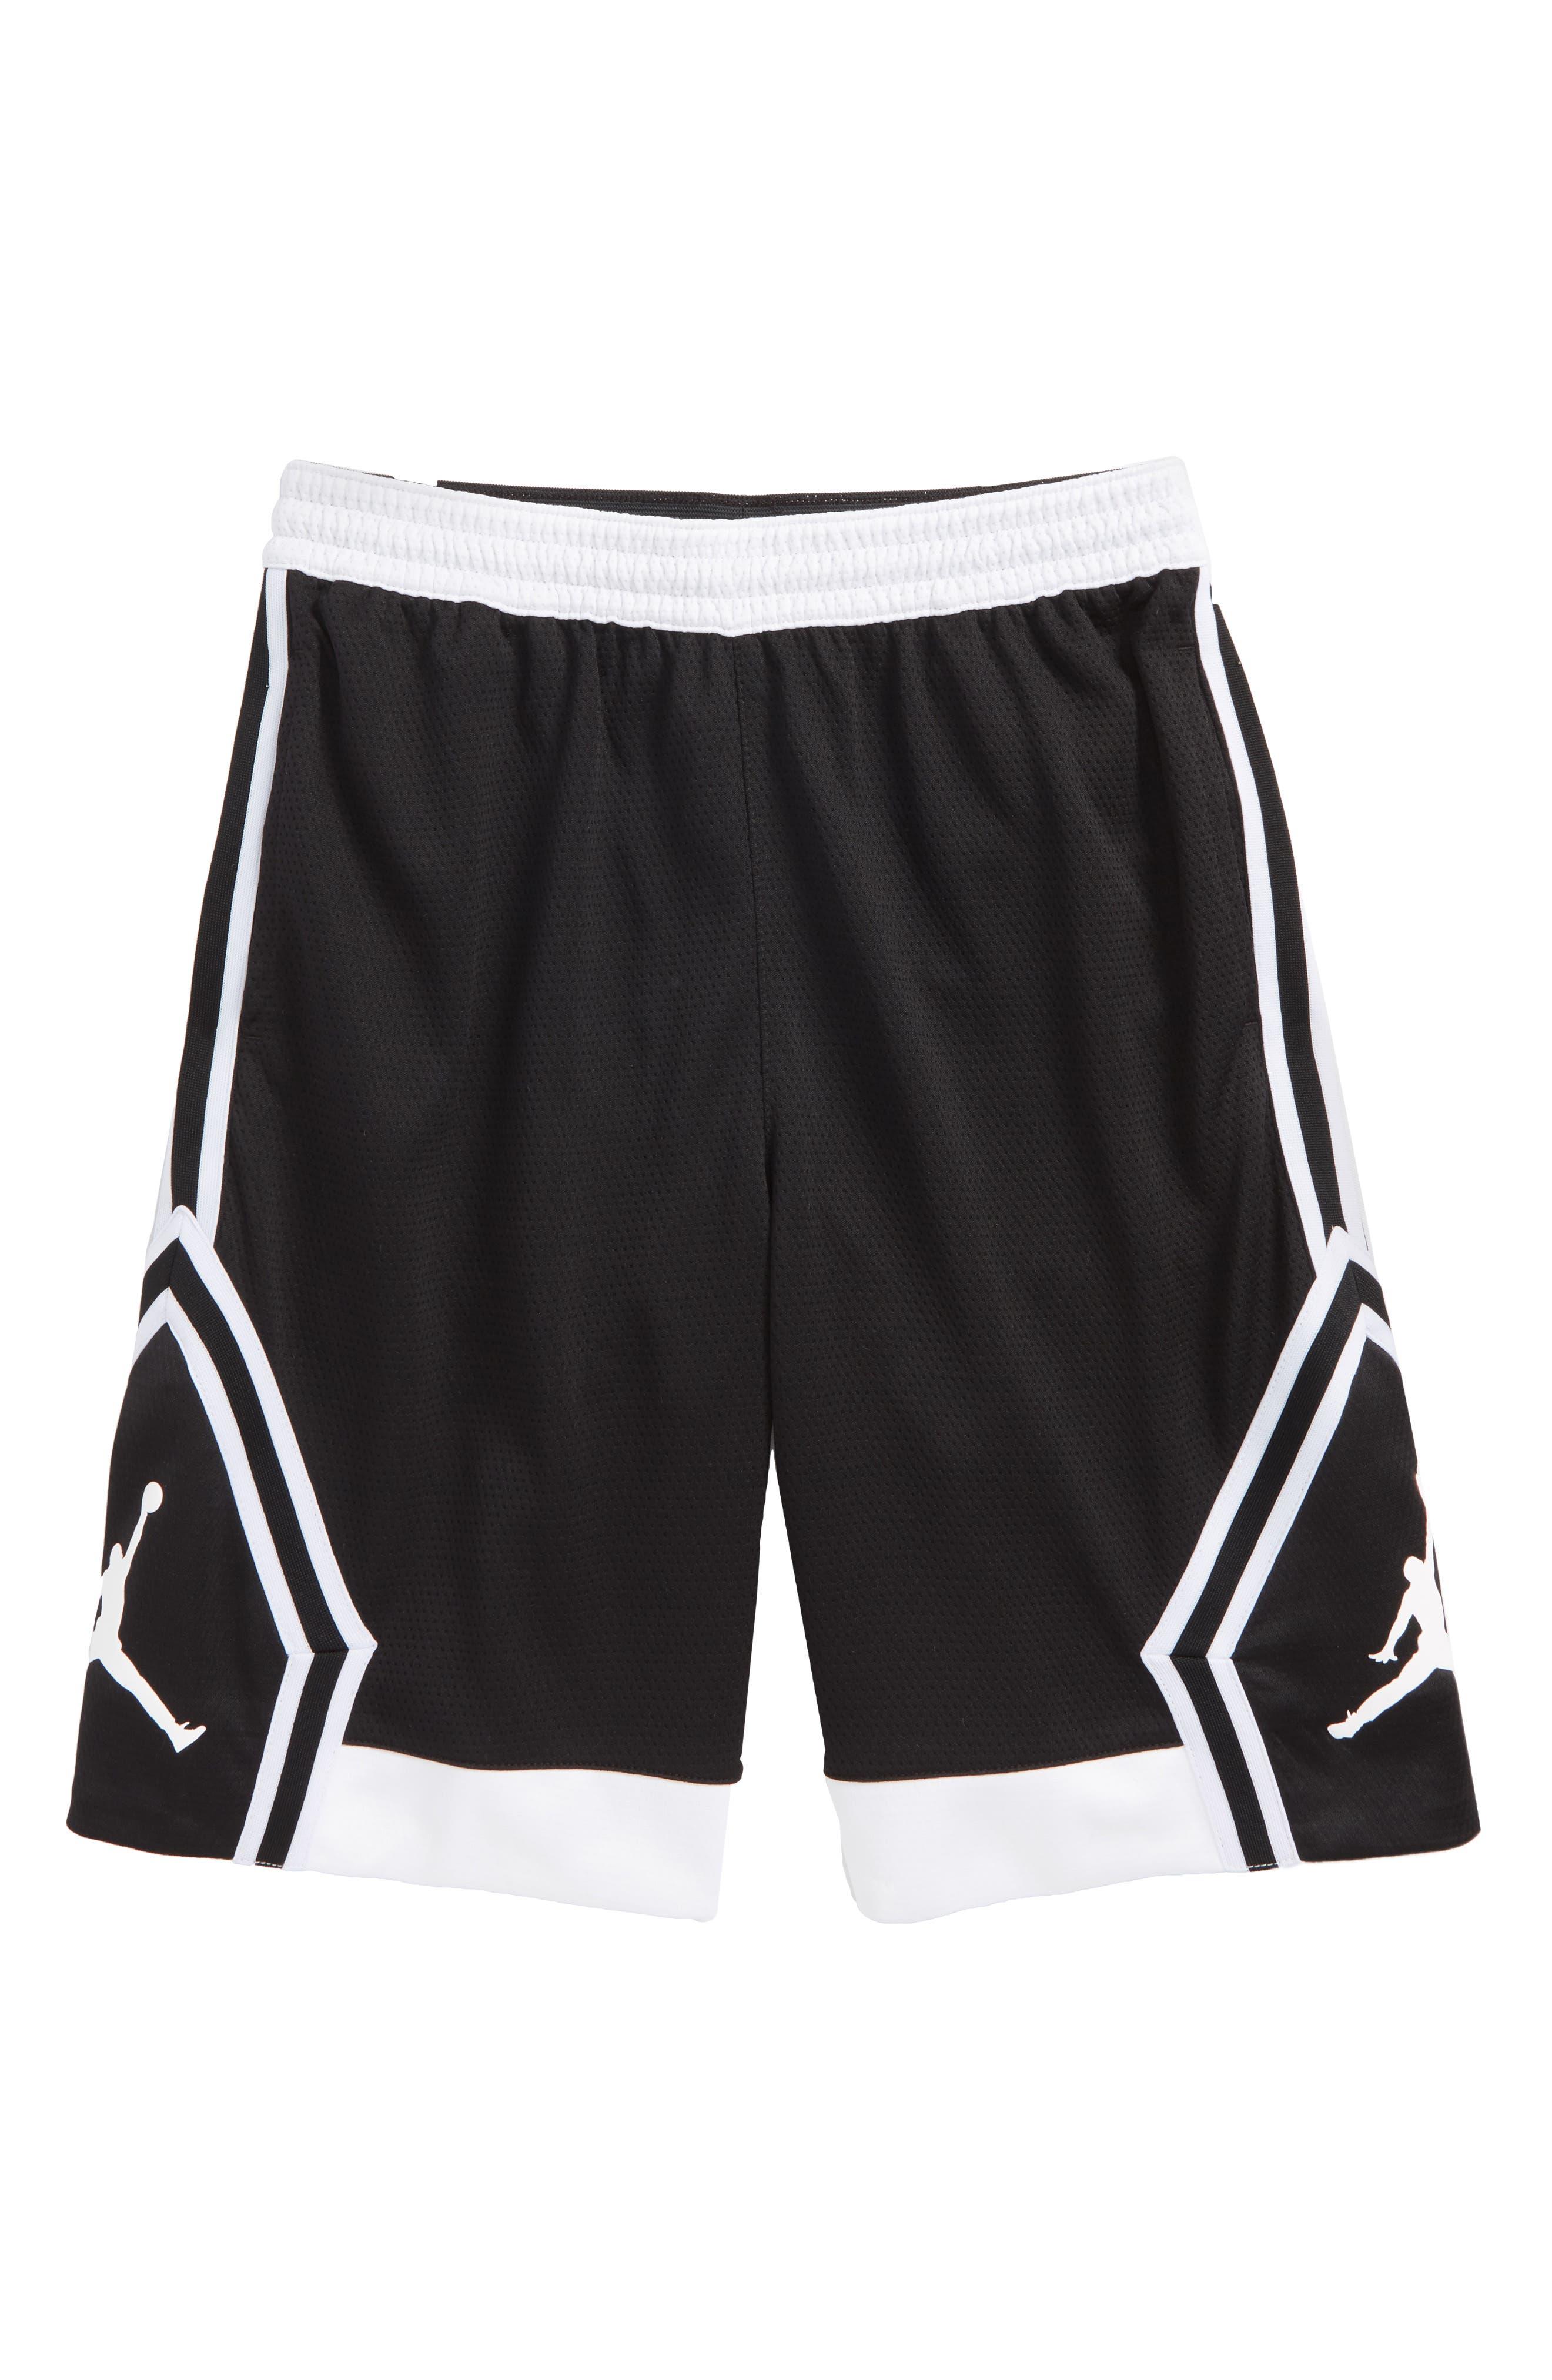 Jordan Rise Diamond Dri-FIT Basketball Shorts,                             Main thumbnail 1, color,                             Black